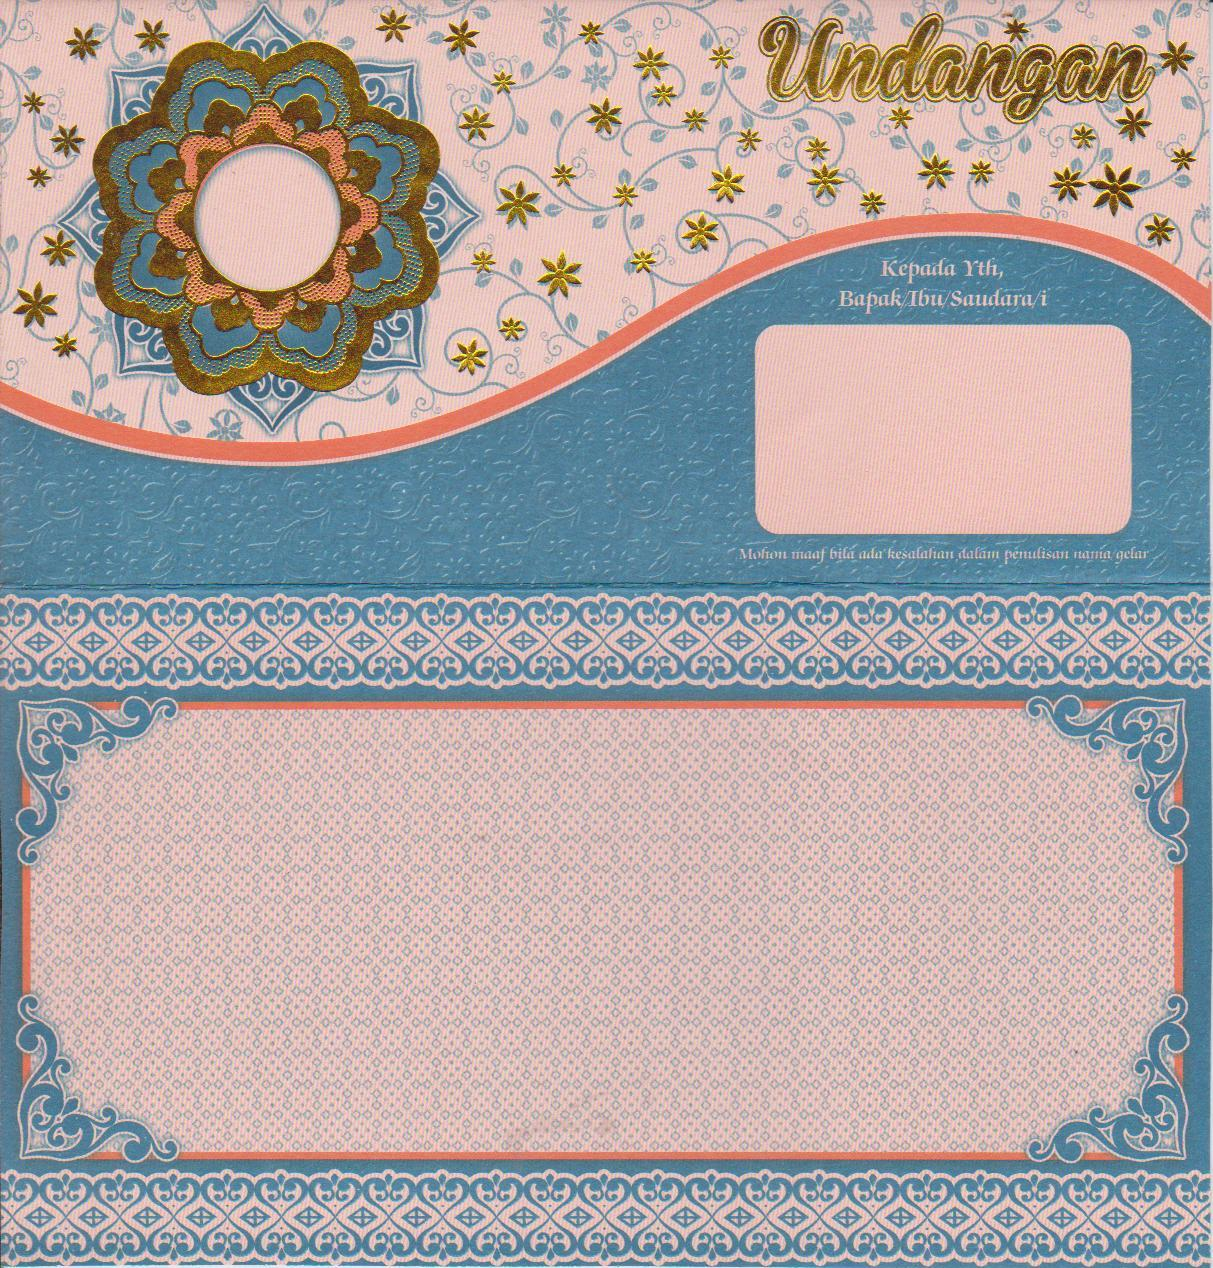 ... contoh desain kartu undangan pernikahan unik dan murah gratis terbaru